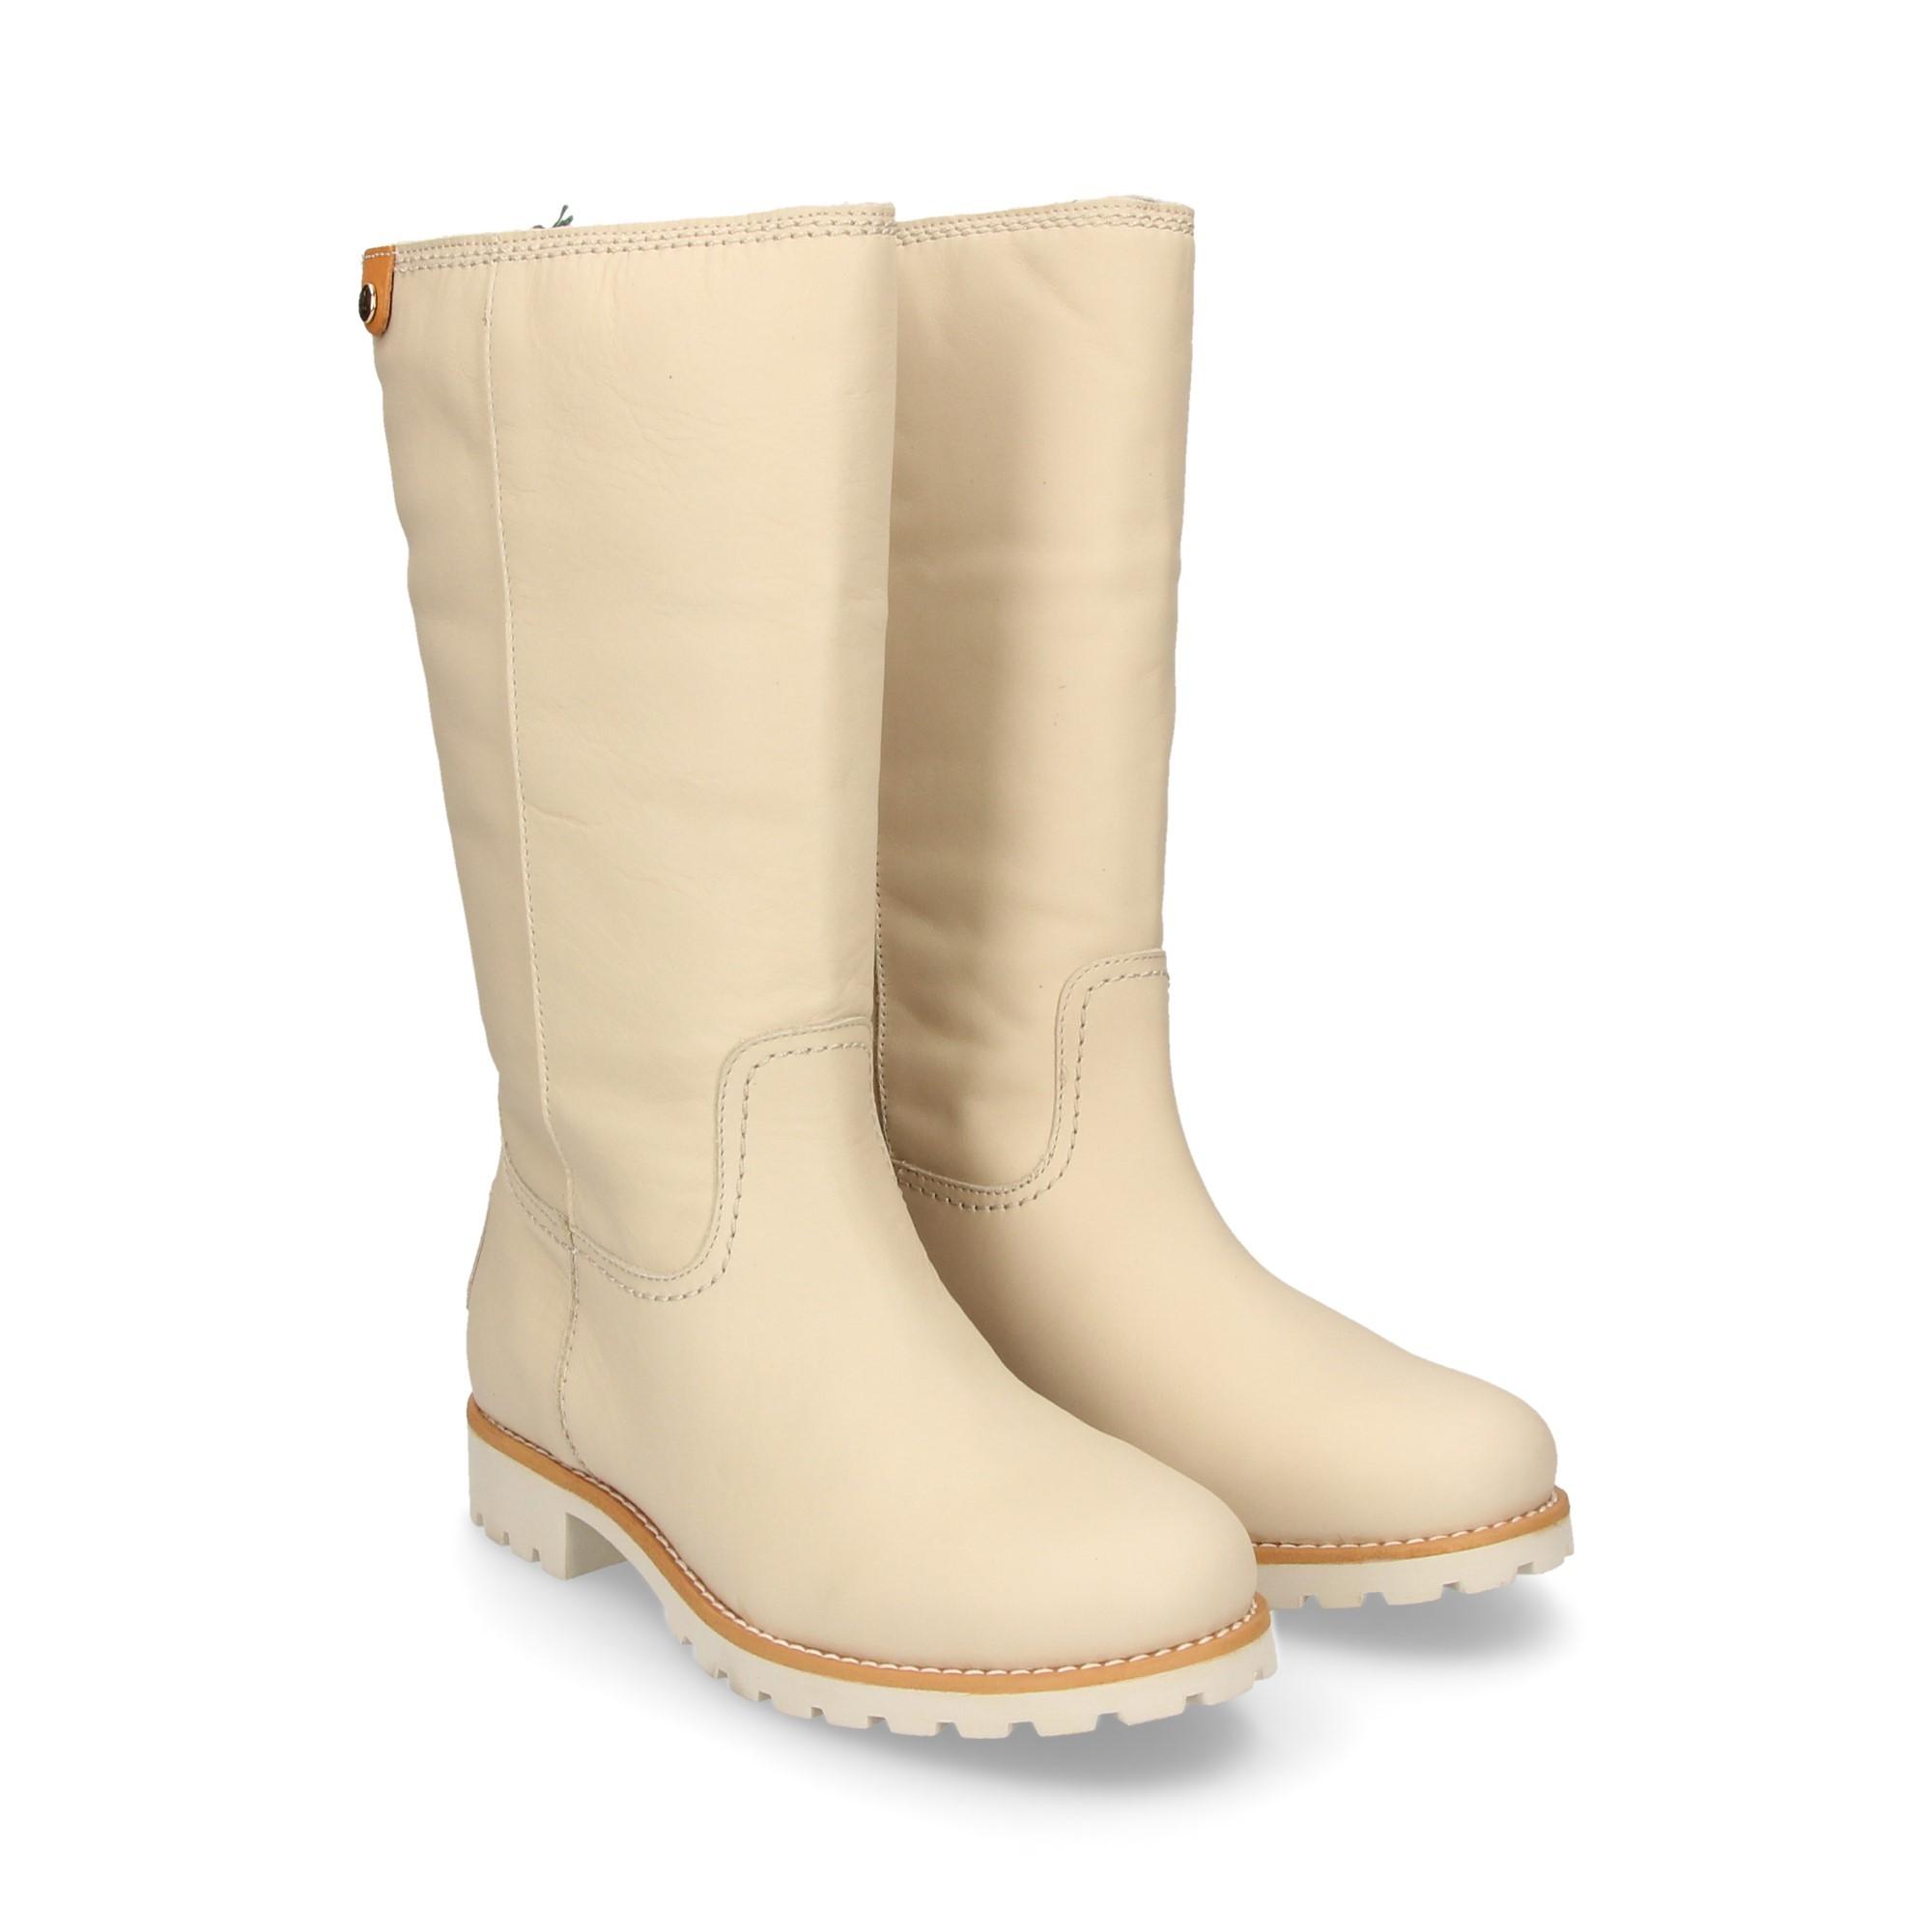 b7f61a92172f0 PANAMA JACK Women s flat boots BAMBINA IGLOO B1 BLANCO